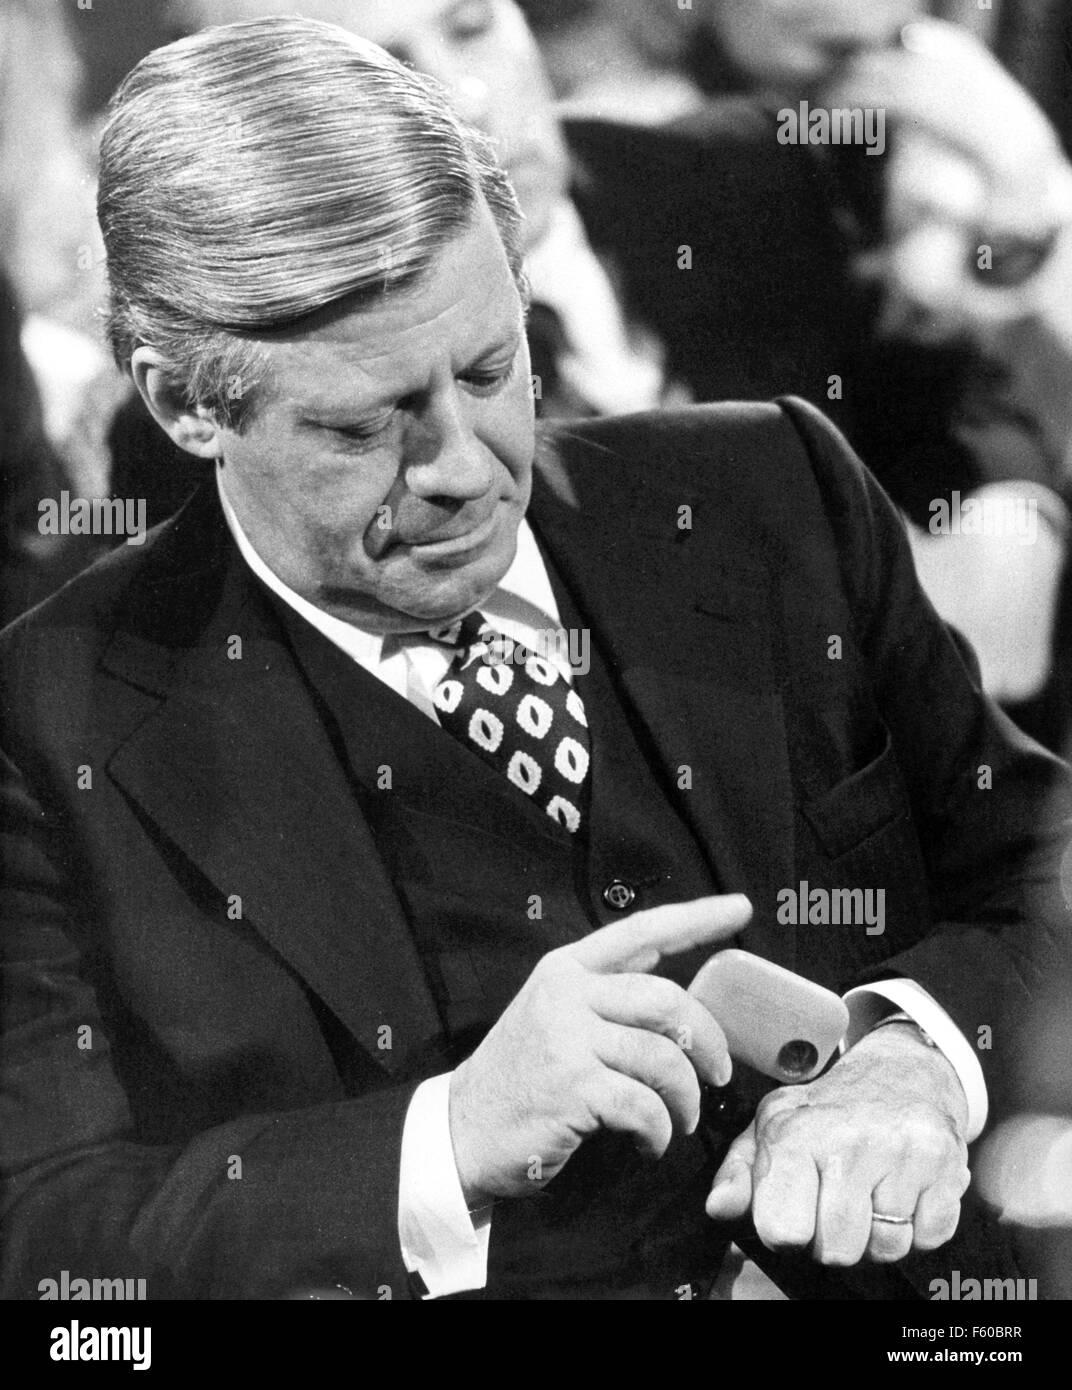 Helmut Schmidt met quelques tabac à priser sur sa main lors d'une cérémonie à Hambourg le 5 décembre 1975. Le 23 décembre 2003, il devient l'âge de 85 ans. Banque D'Images